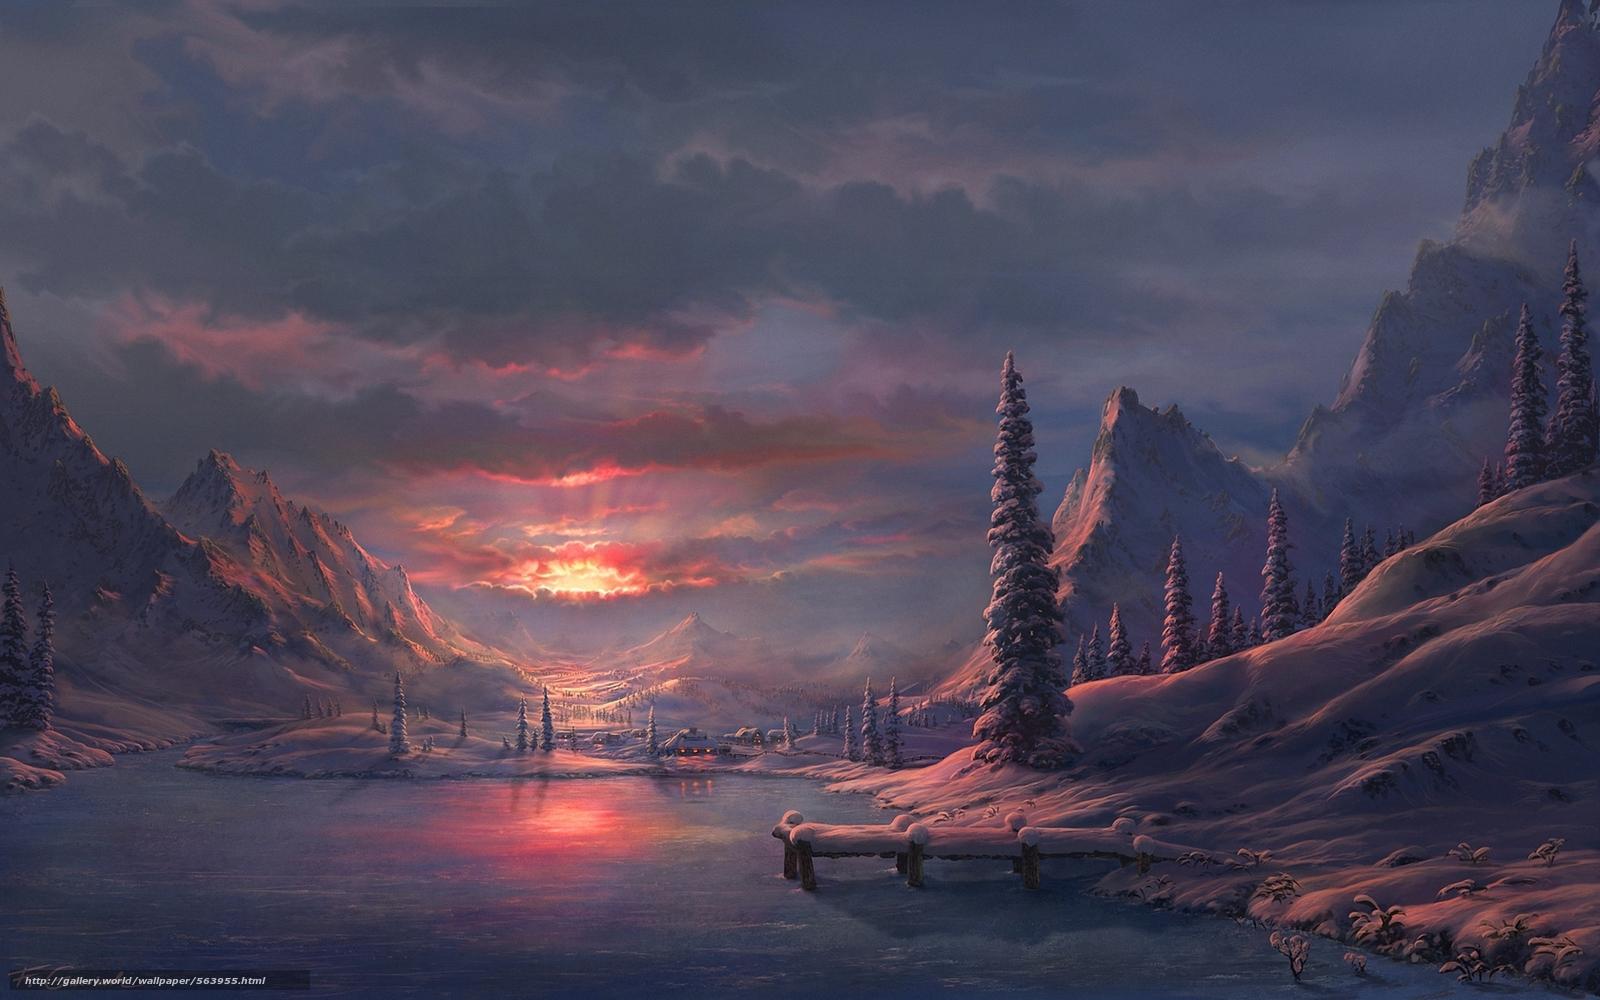 下载壁纸 湖,  冬天,  黎明,  山 免费为您的桌面分辨率的壁纸 1920x1200 — 图片 №563955